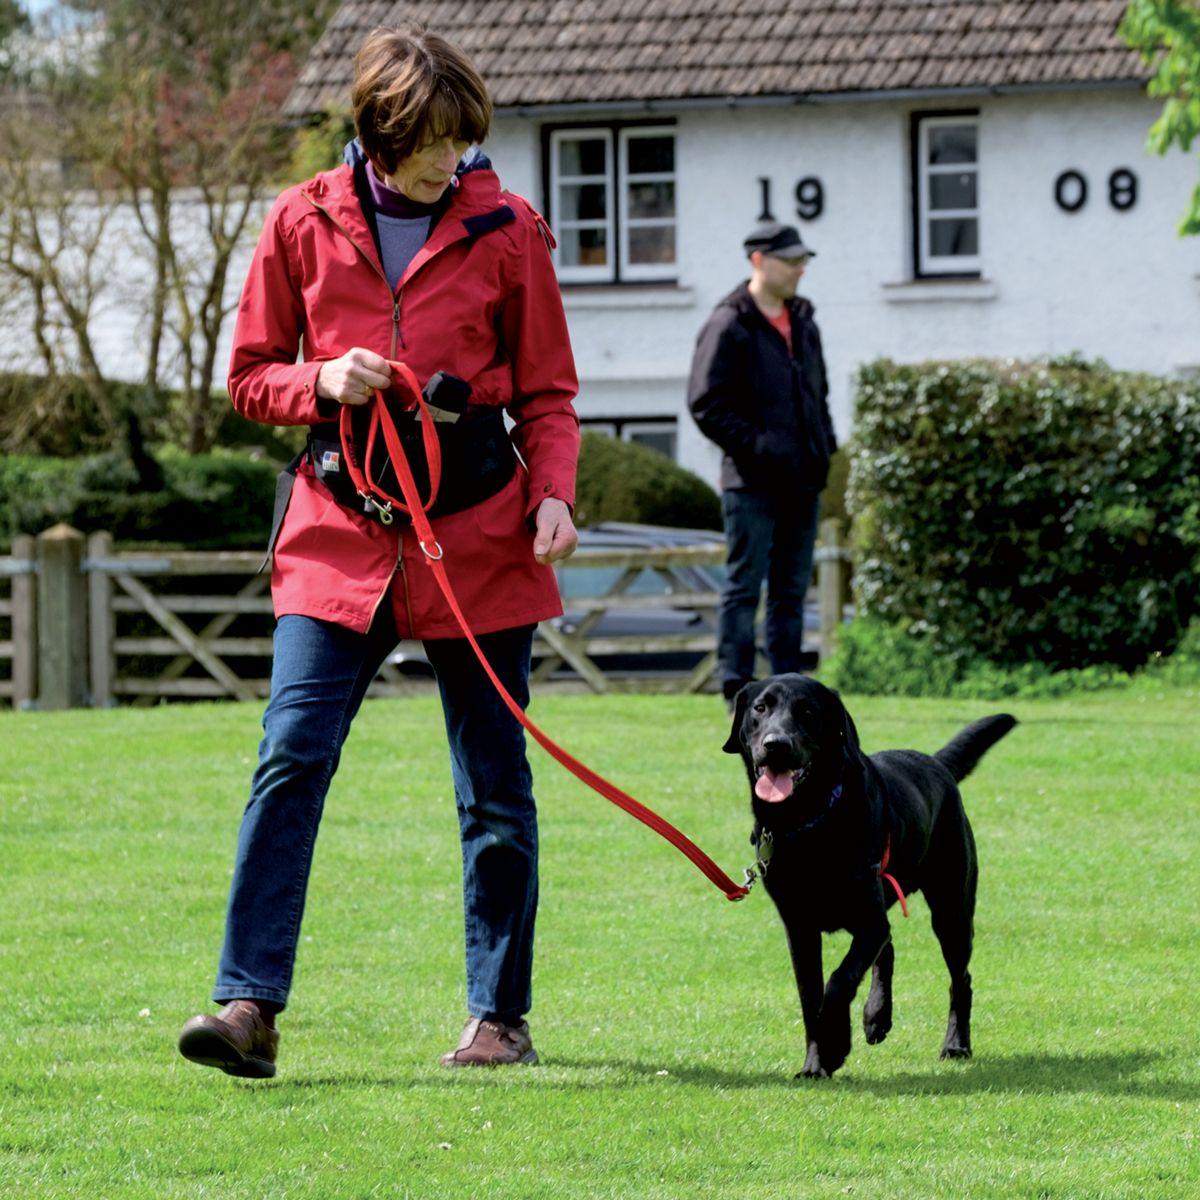 Posizione corretta per l'educazione alla passeggiata con guinzaglio lasco; camminate in avanti solo quando il cane è al vostro fianco e il guinzaglio non è in tensione.